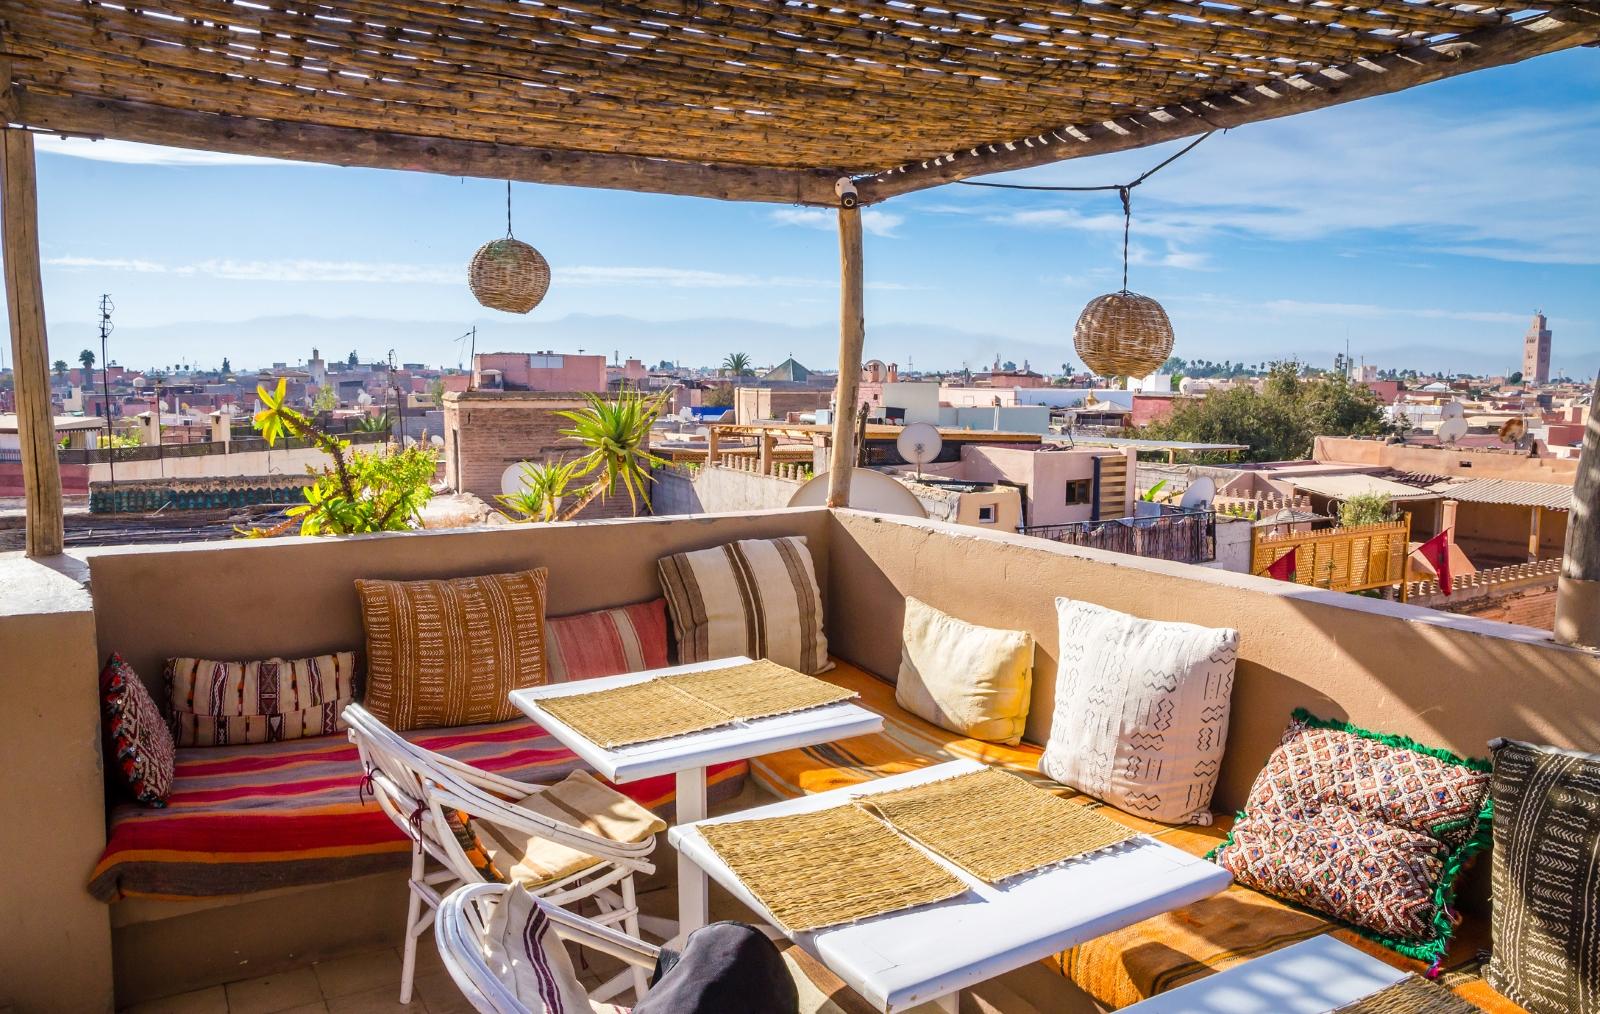 Мароко. Ако решите да посетите Маракеш по това време на годината, термометрите ще показват 21-24 градуса.